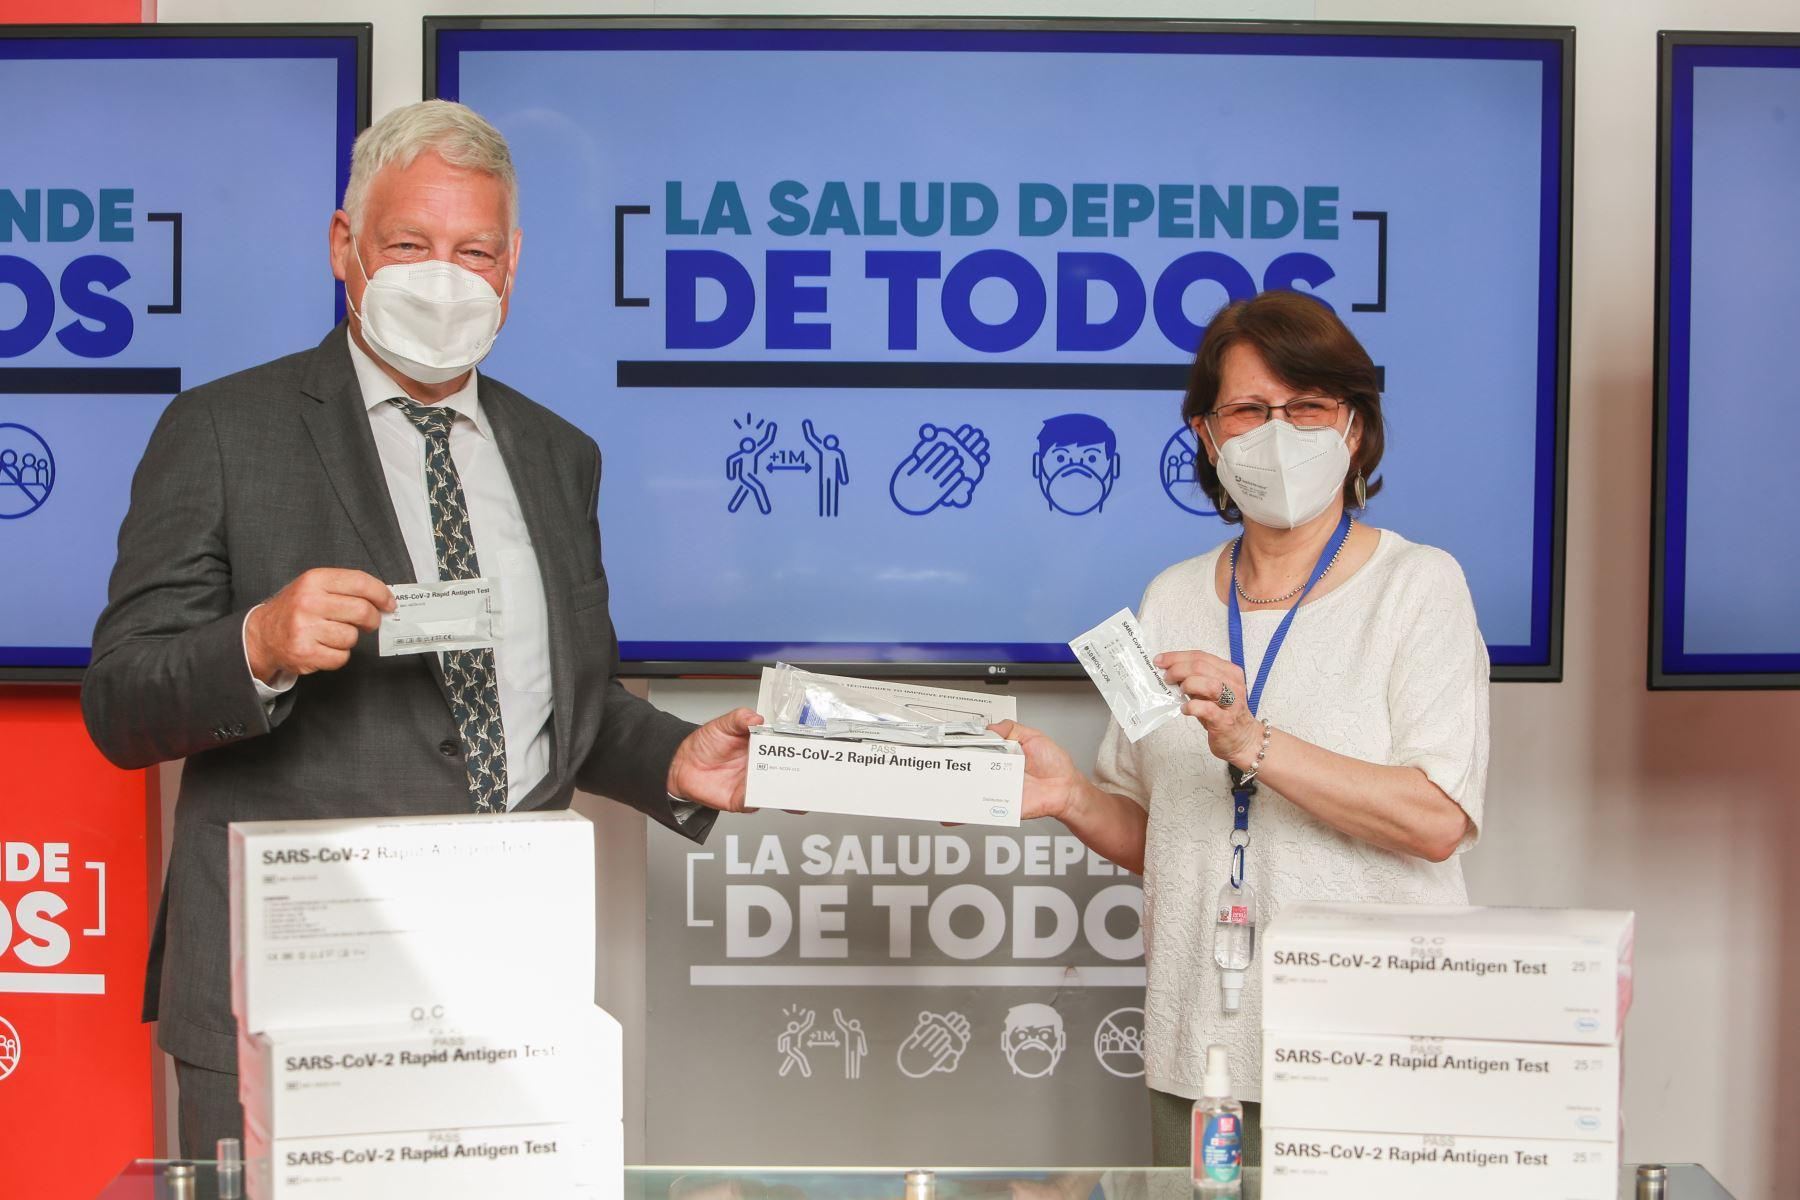 Minsa recibió una importante donación de 75 600 pruebas de antígenos para el diagnóstico de la Covid-19 por parte del Gobierno de Alemania, participaron en el acto, la ministra de Salud, Pilar Mazzetti, el Embajador de Alemania en el Perú, Stefan Andreas Herzberg, y la Directora General de Europa de la Cancilleria Peruana, María Teresa Merino de Hart. Foto: ANDINA/Minsa